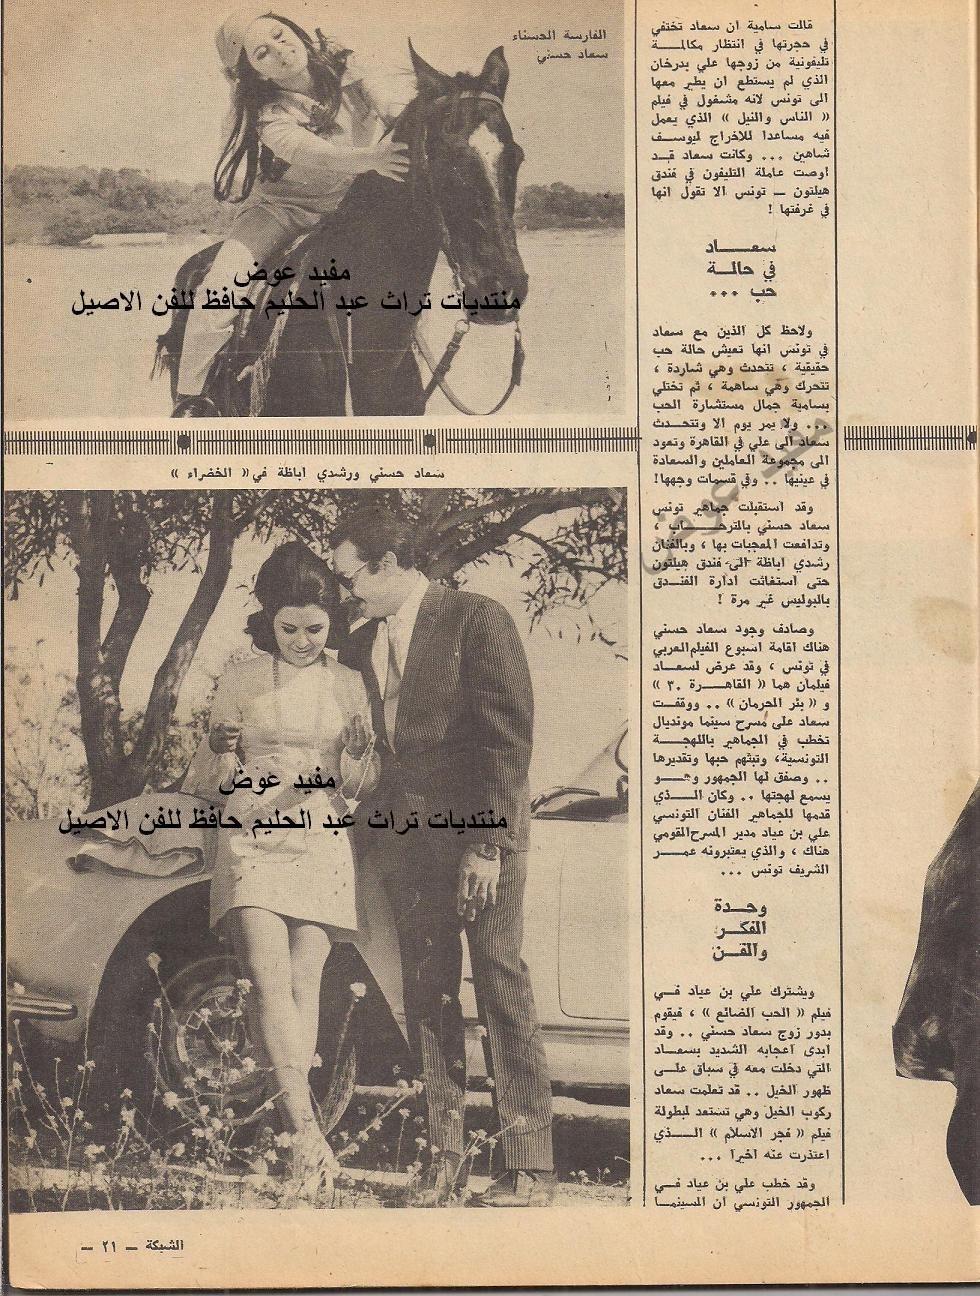 مقال - مقال صحفي : سعاد حسني في تونس والقلب في القاهرة 1970 م 2qn4eg8